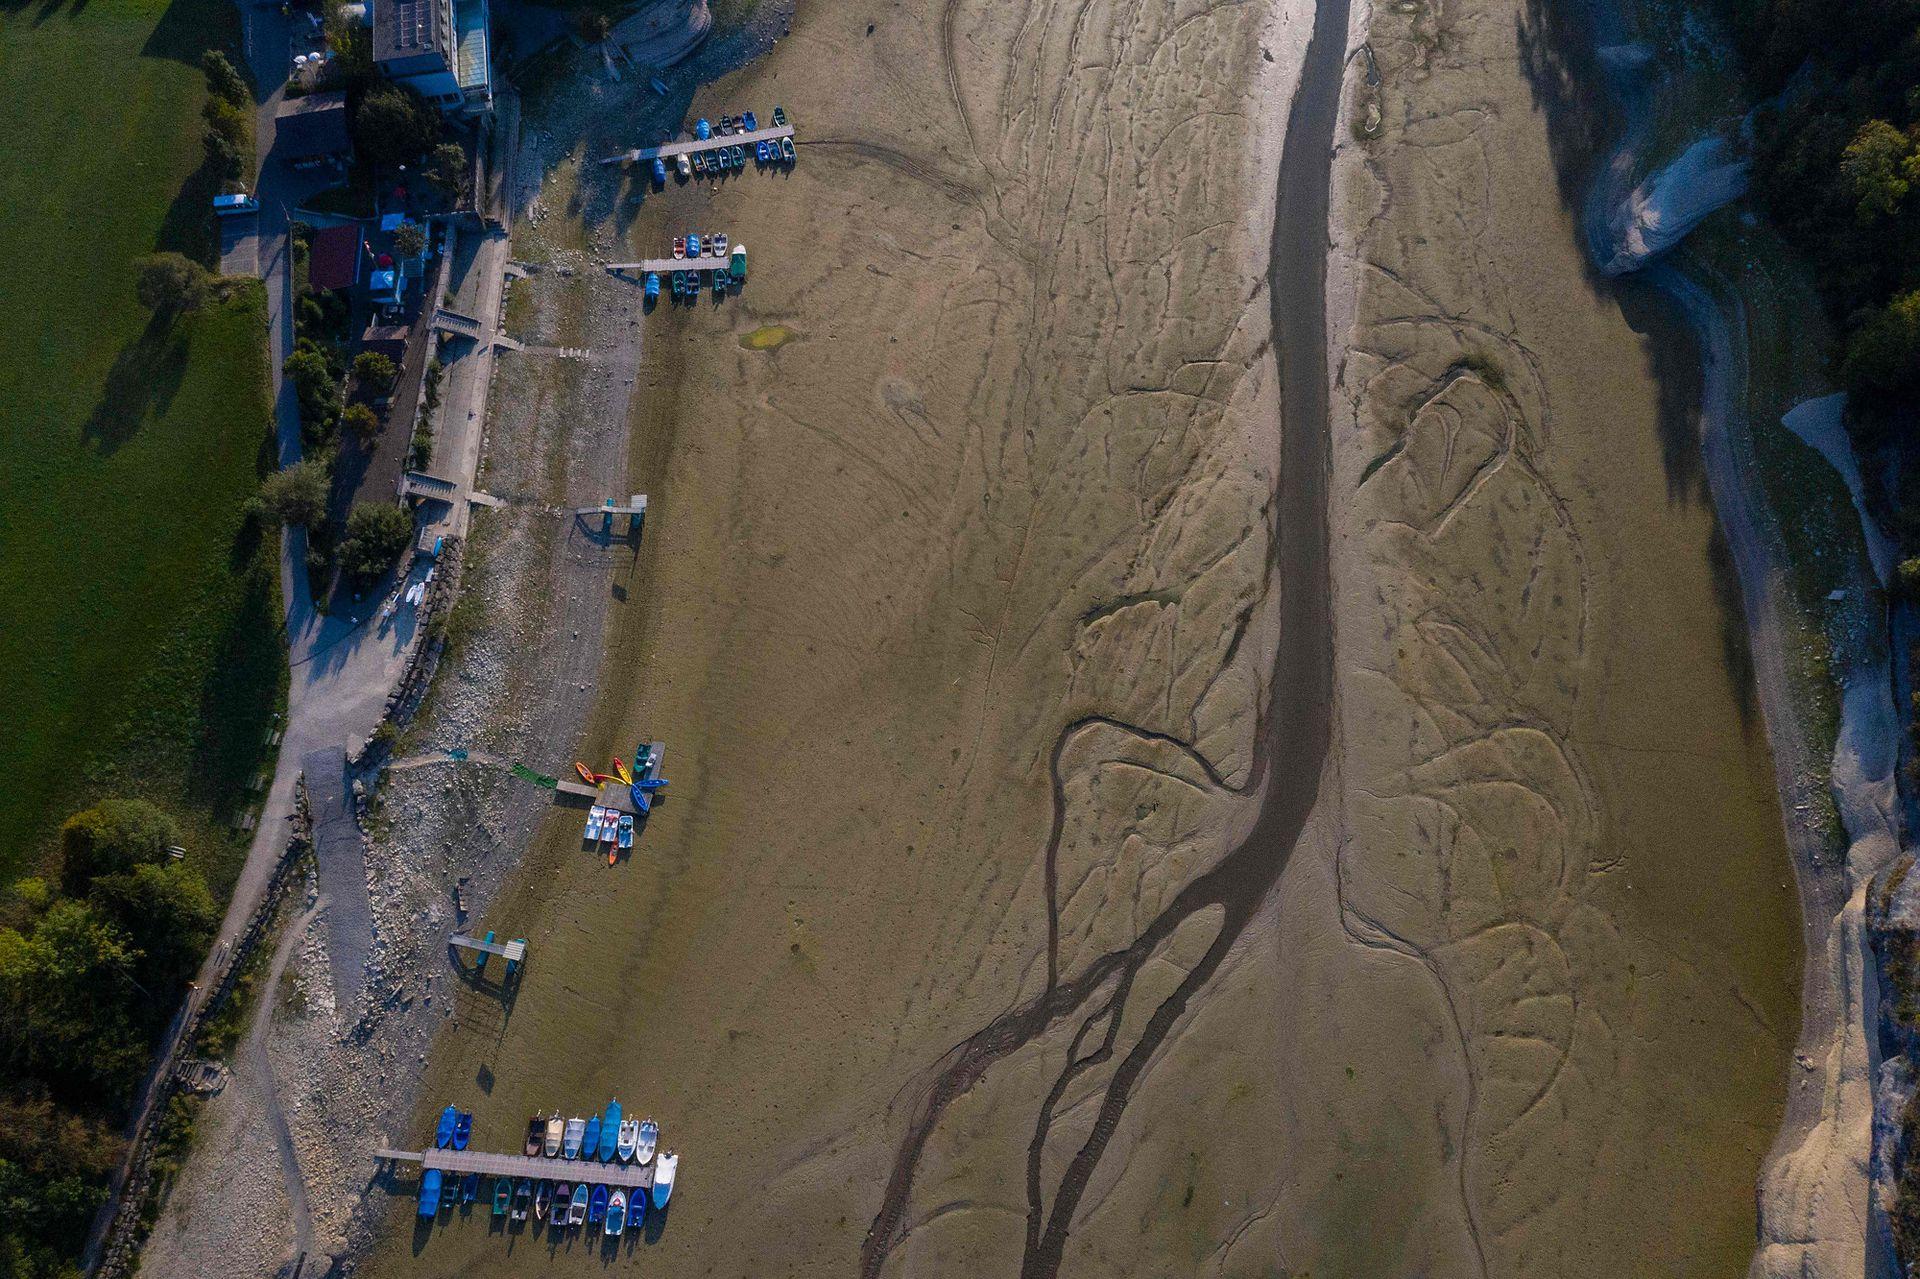 Inundaciones por un lado y sequía por el otro, los eventos climáticos son cada vez más violentos; en septiembre del 2020 el río Doubs en Villers-le-Lac, este de Francia, dejó cientos de barcos varados en las orillas